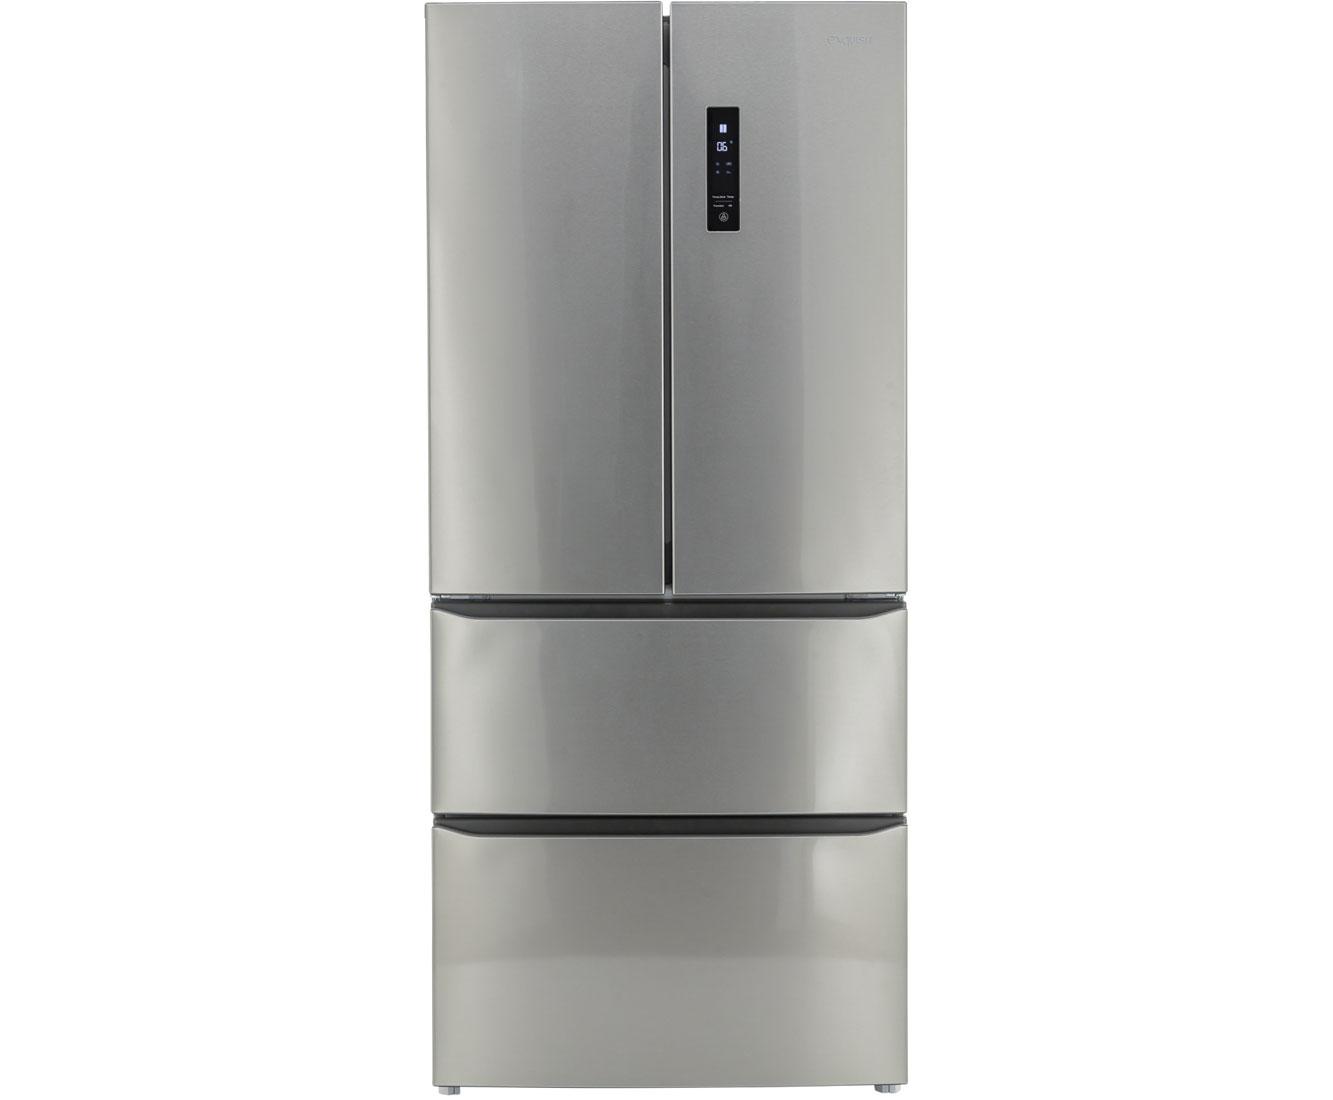 Bomann Kühlschrank Preisvergleich : Kühlschrank 130 cm minikche 150 breit awesome respekta kchenzeile mit